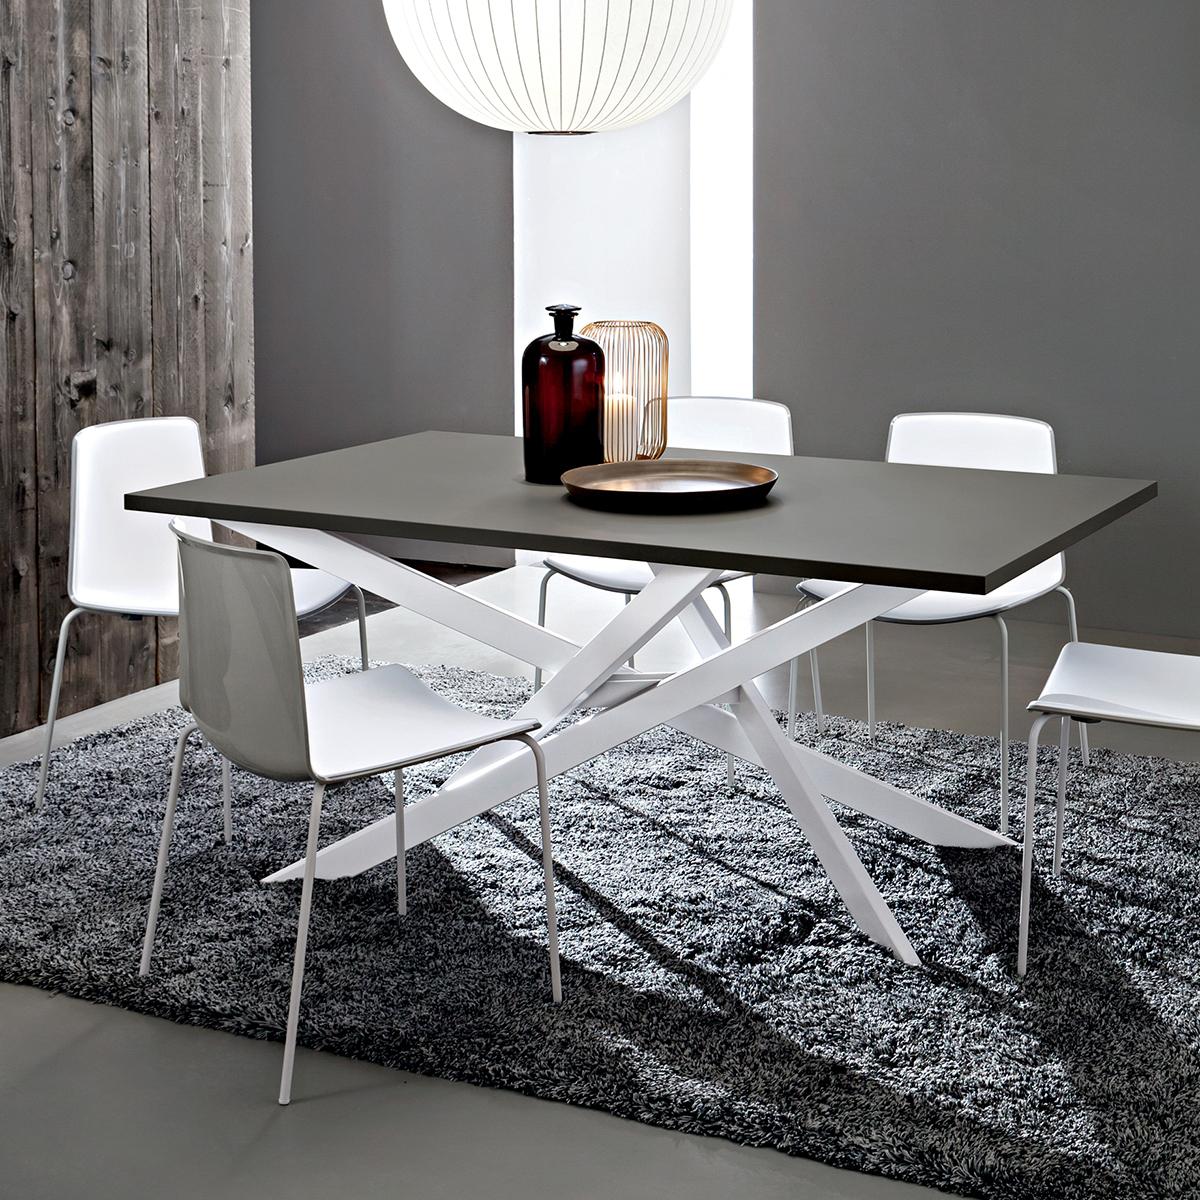 Renzo tavolo design accattivante con gambe incrociate - Runner da tavolo moderno ...